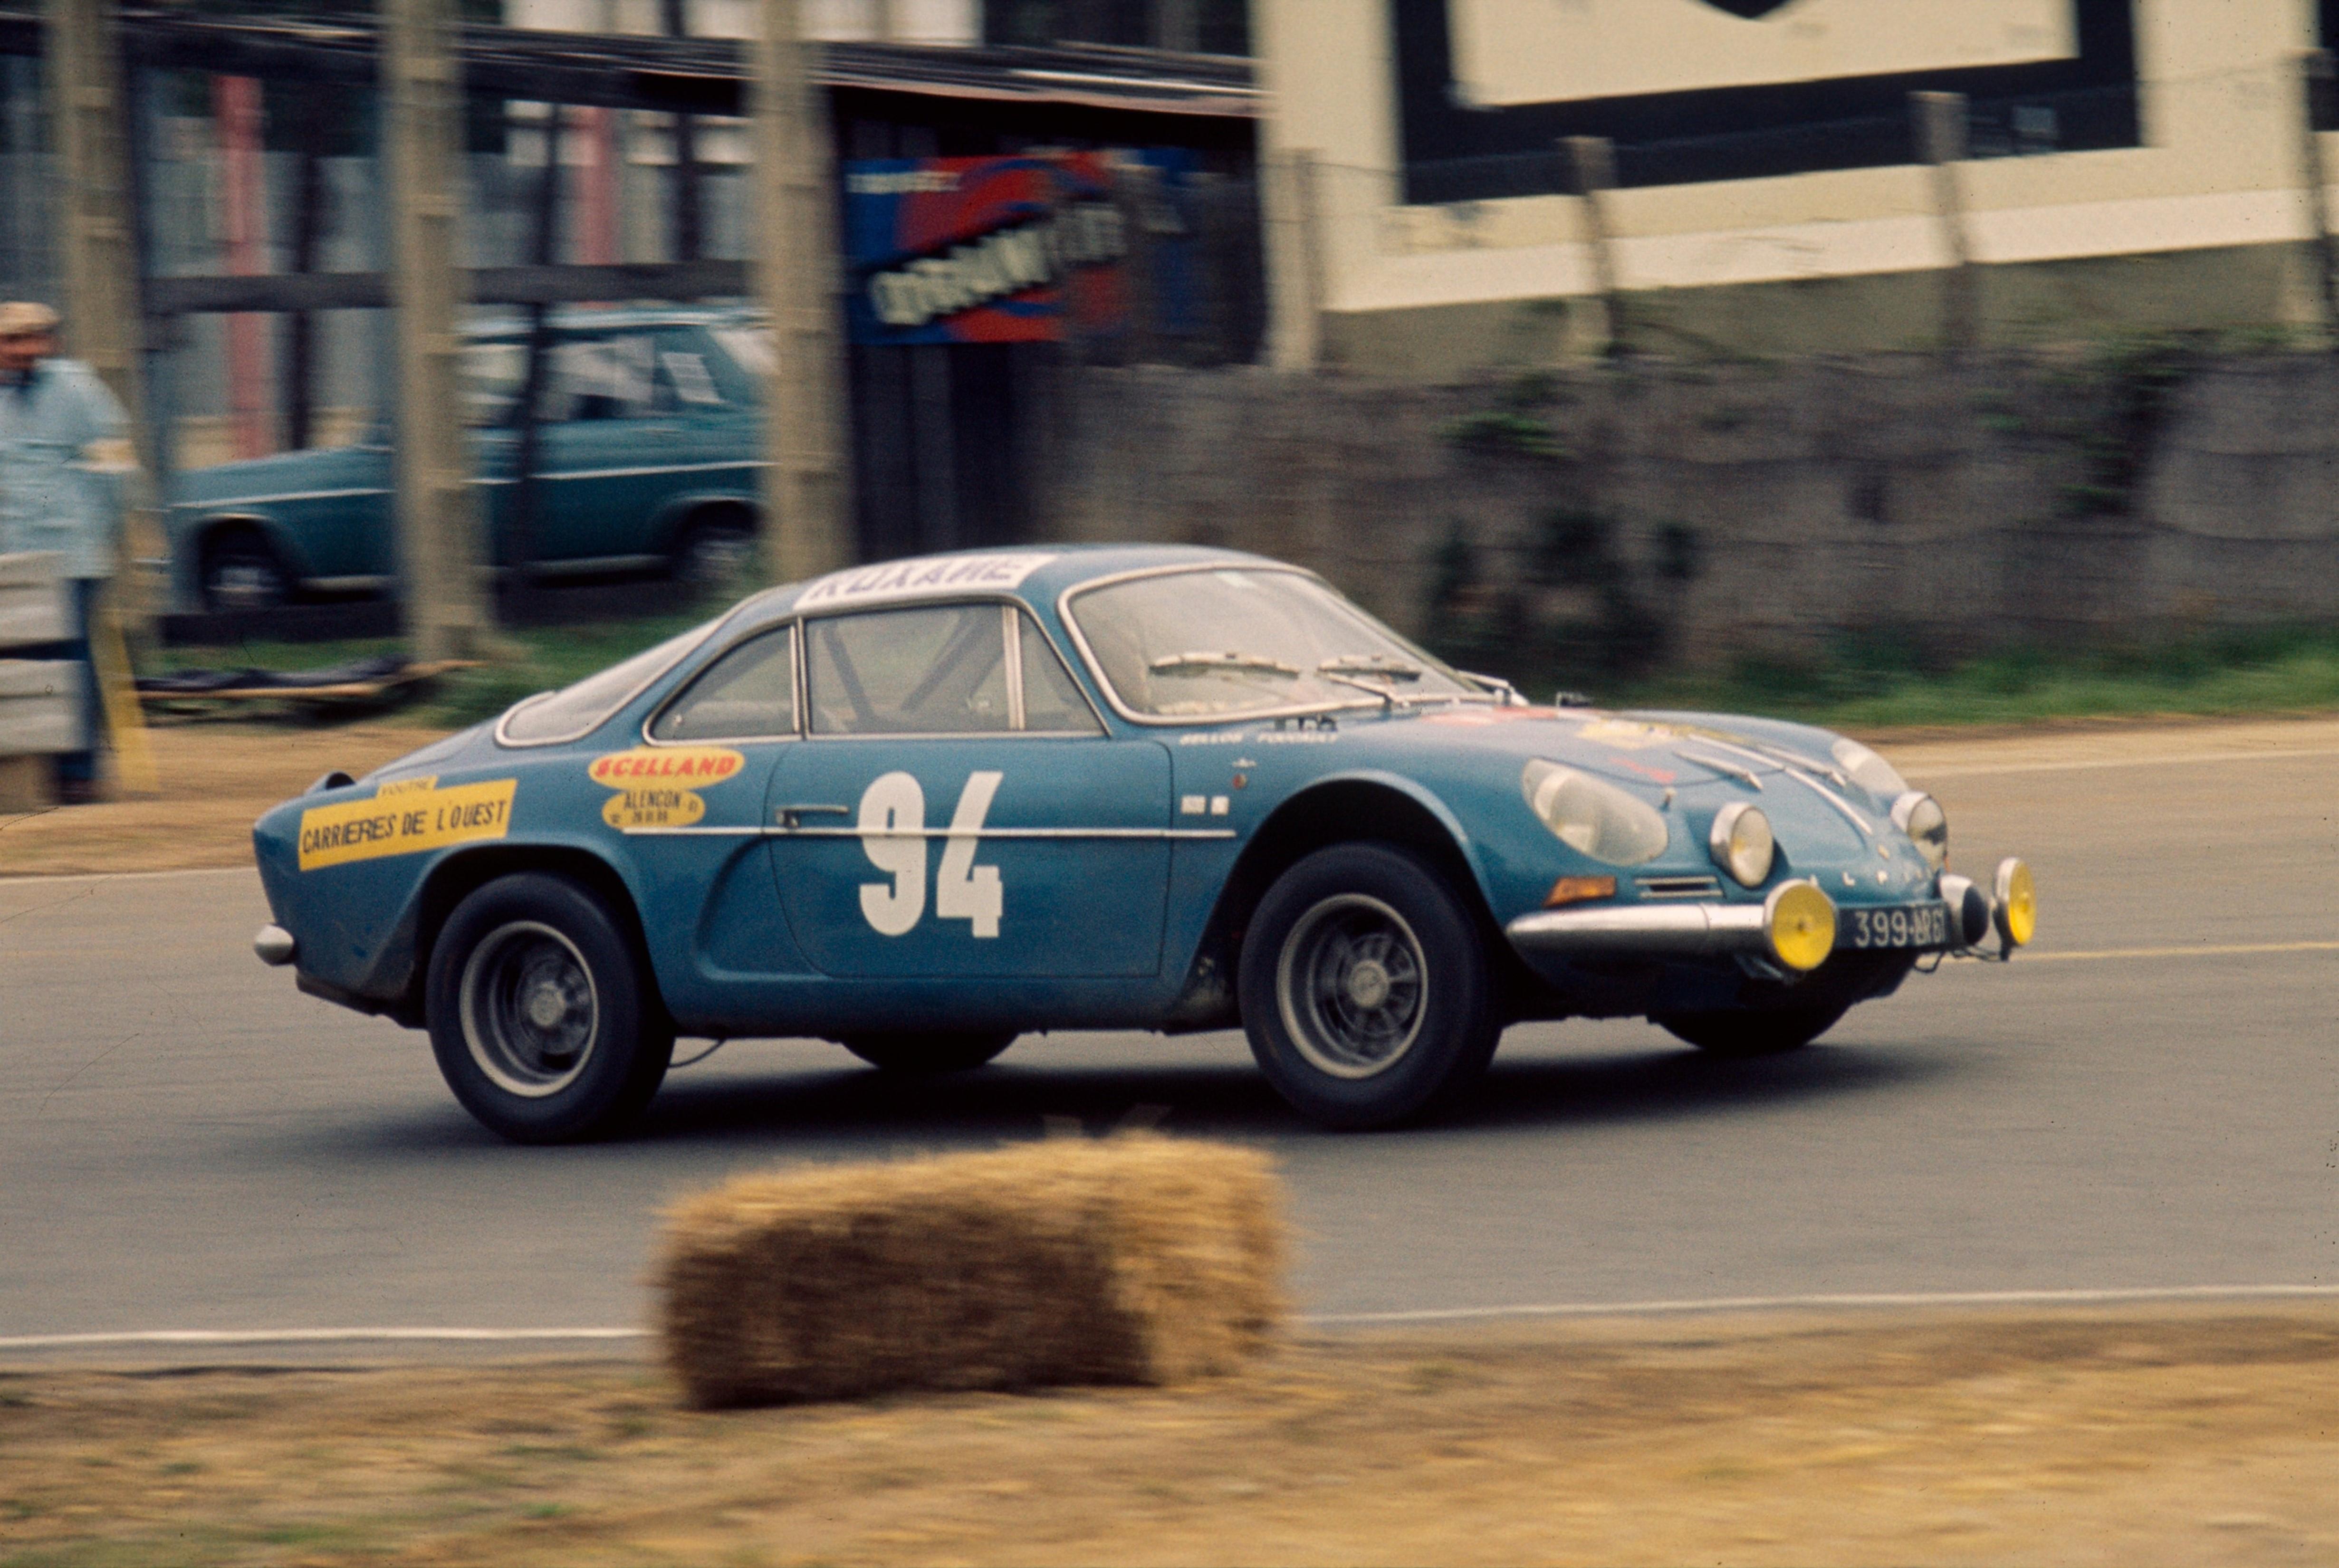 Renault_69320_global_en.jpg